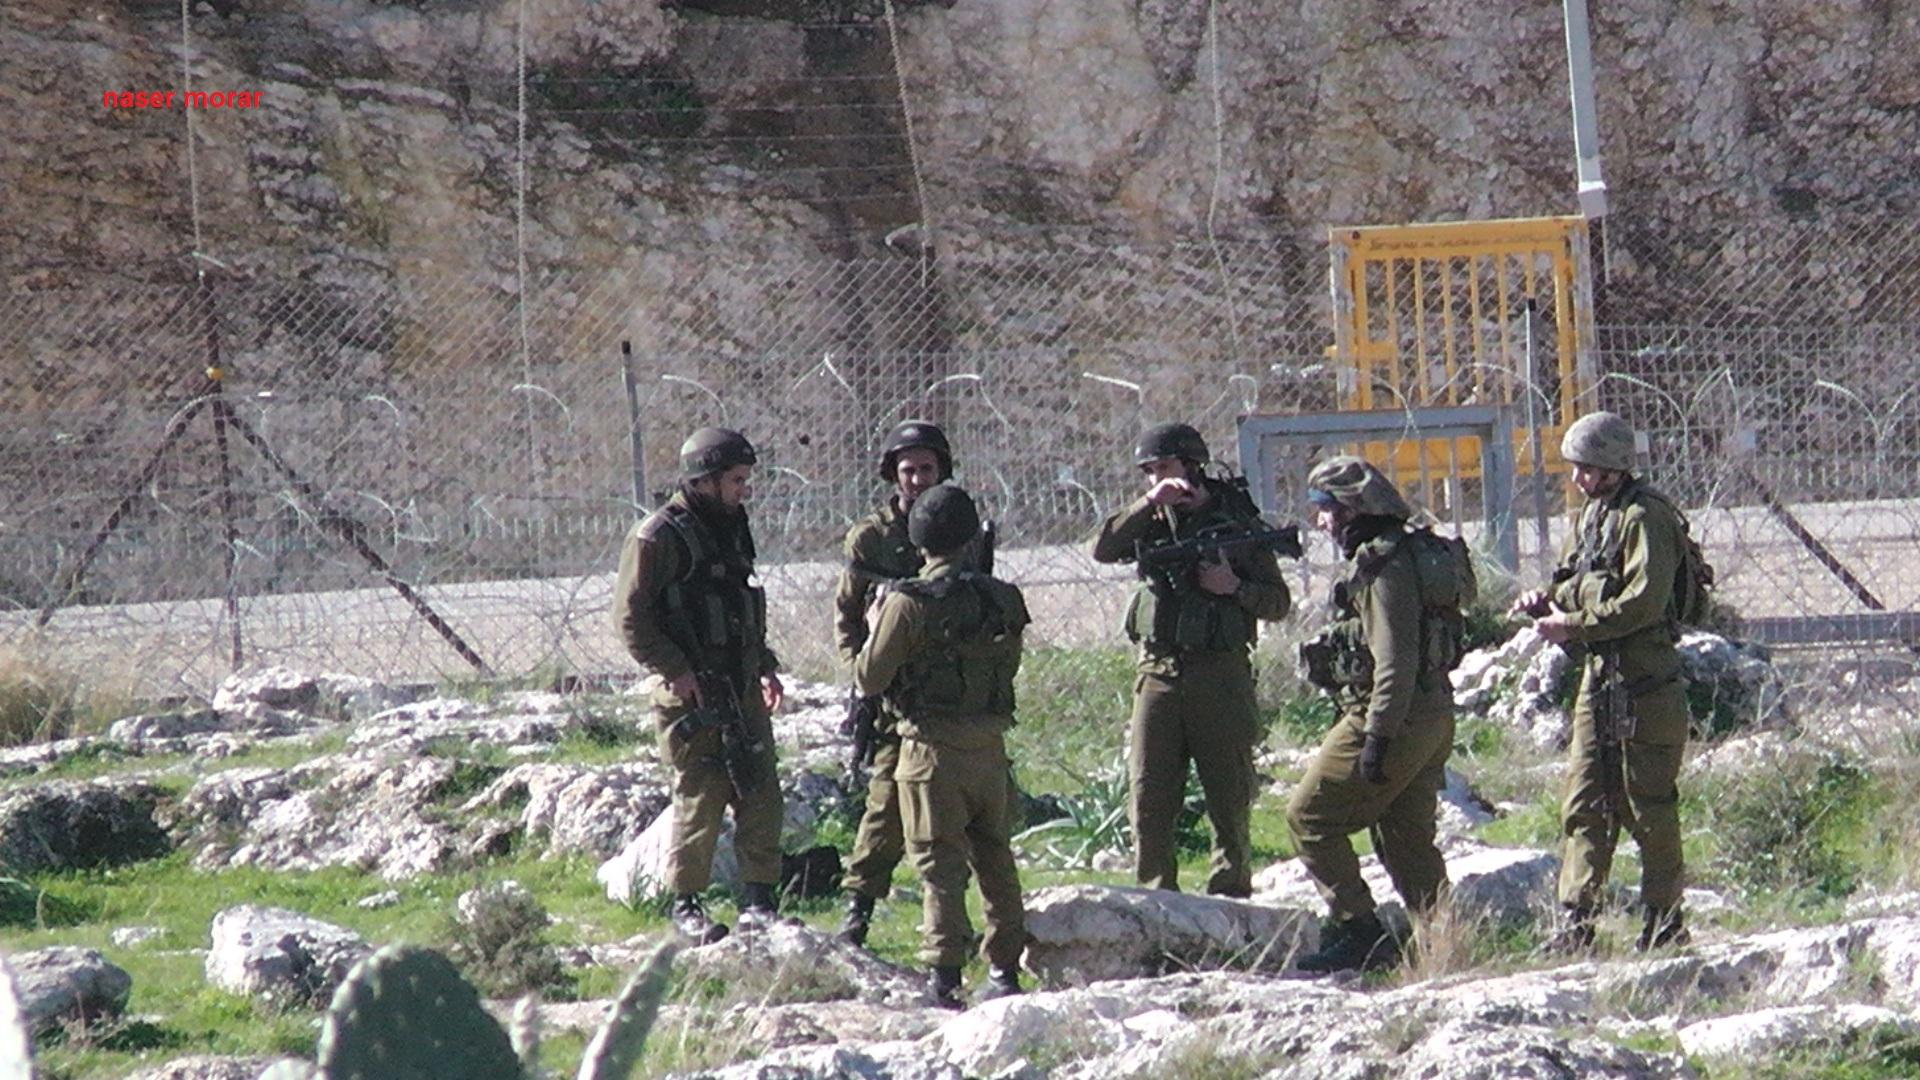 חיילים בזירה לאחר שהנער סמיר עווד נורה בגבו קרוב לגדר ההפרדה, בודרוס (נסאר מוראר, בצלם)